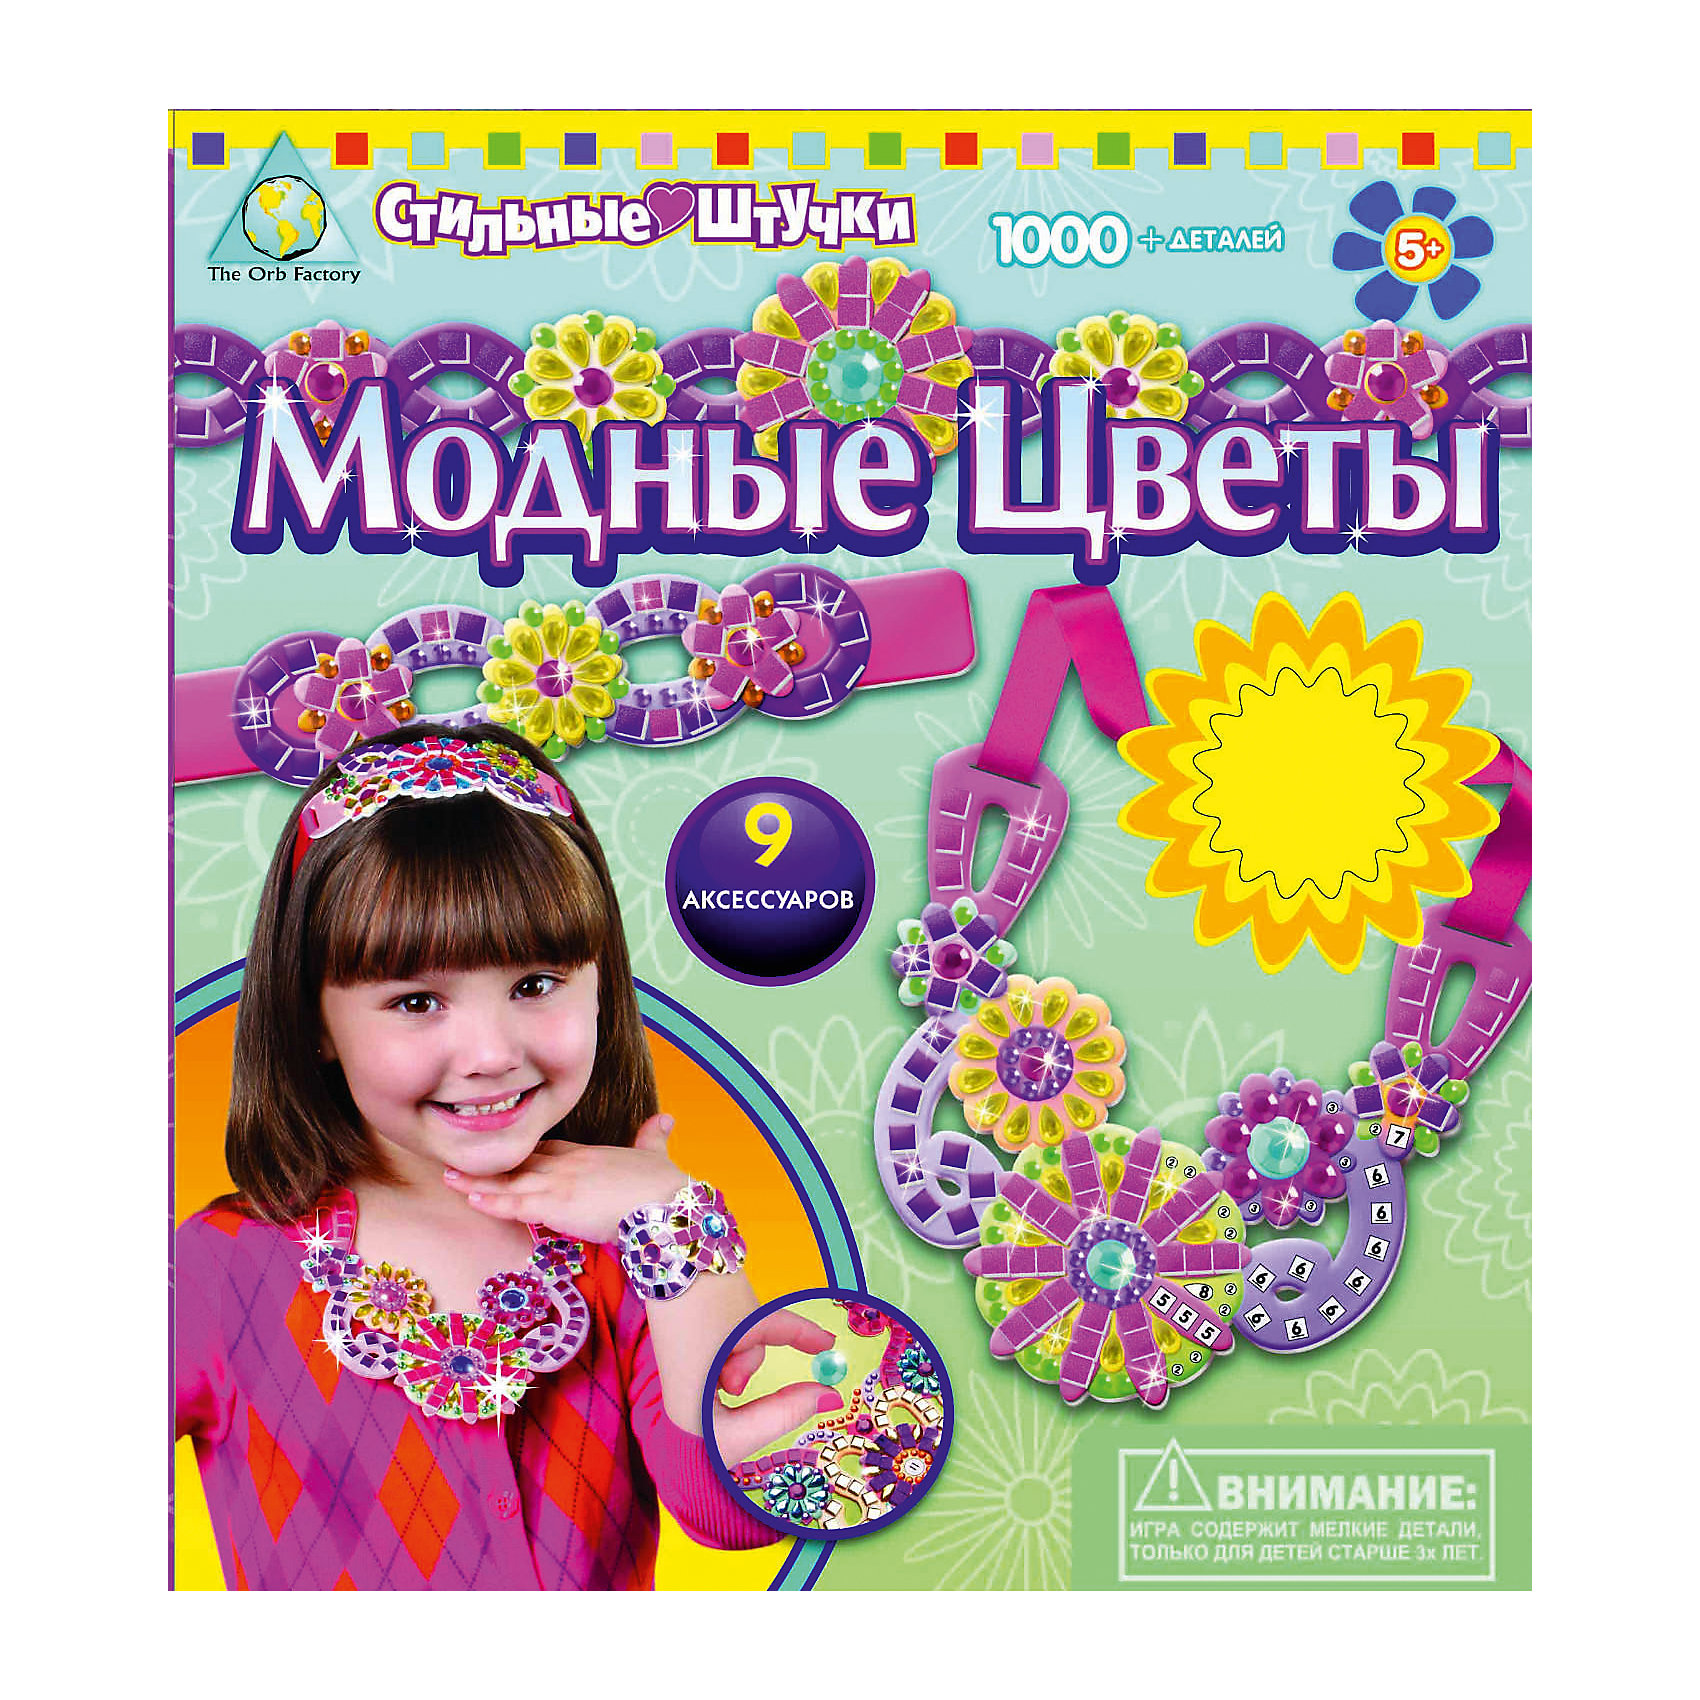 Orb Factory Мозаика-набор аксессуаров Модные цветы наборы для поделок the orb factory the orb factory стильные штучки мозаика набор аксессуаров модные цветы 9 шт